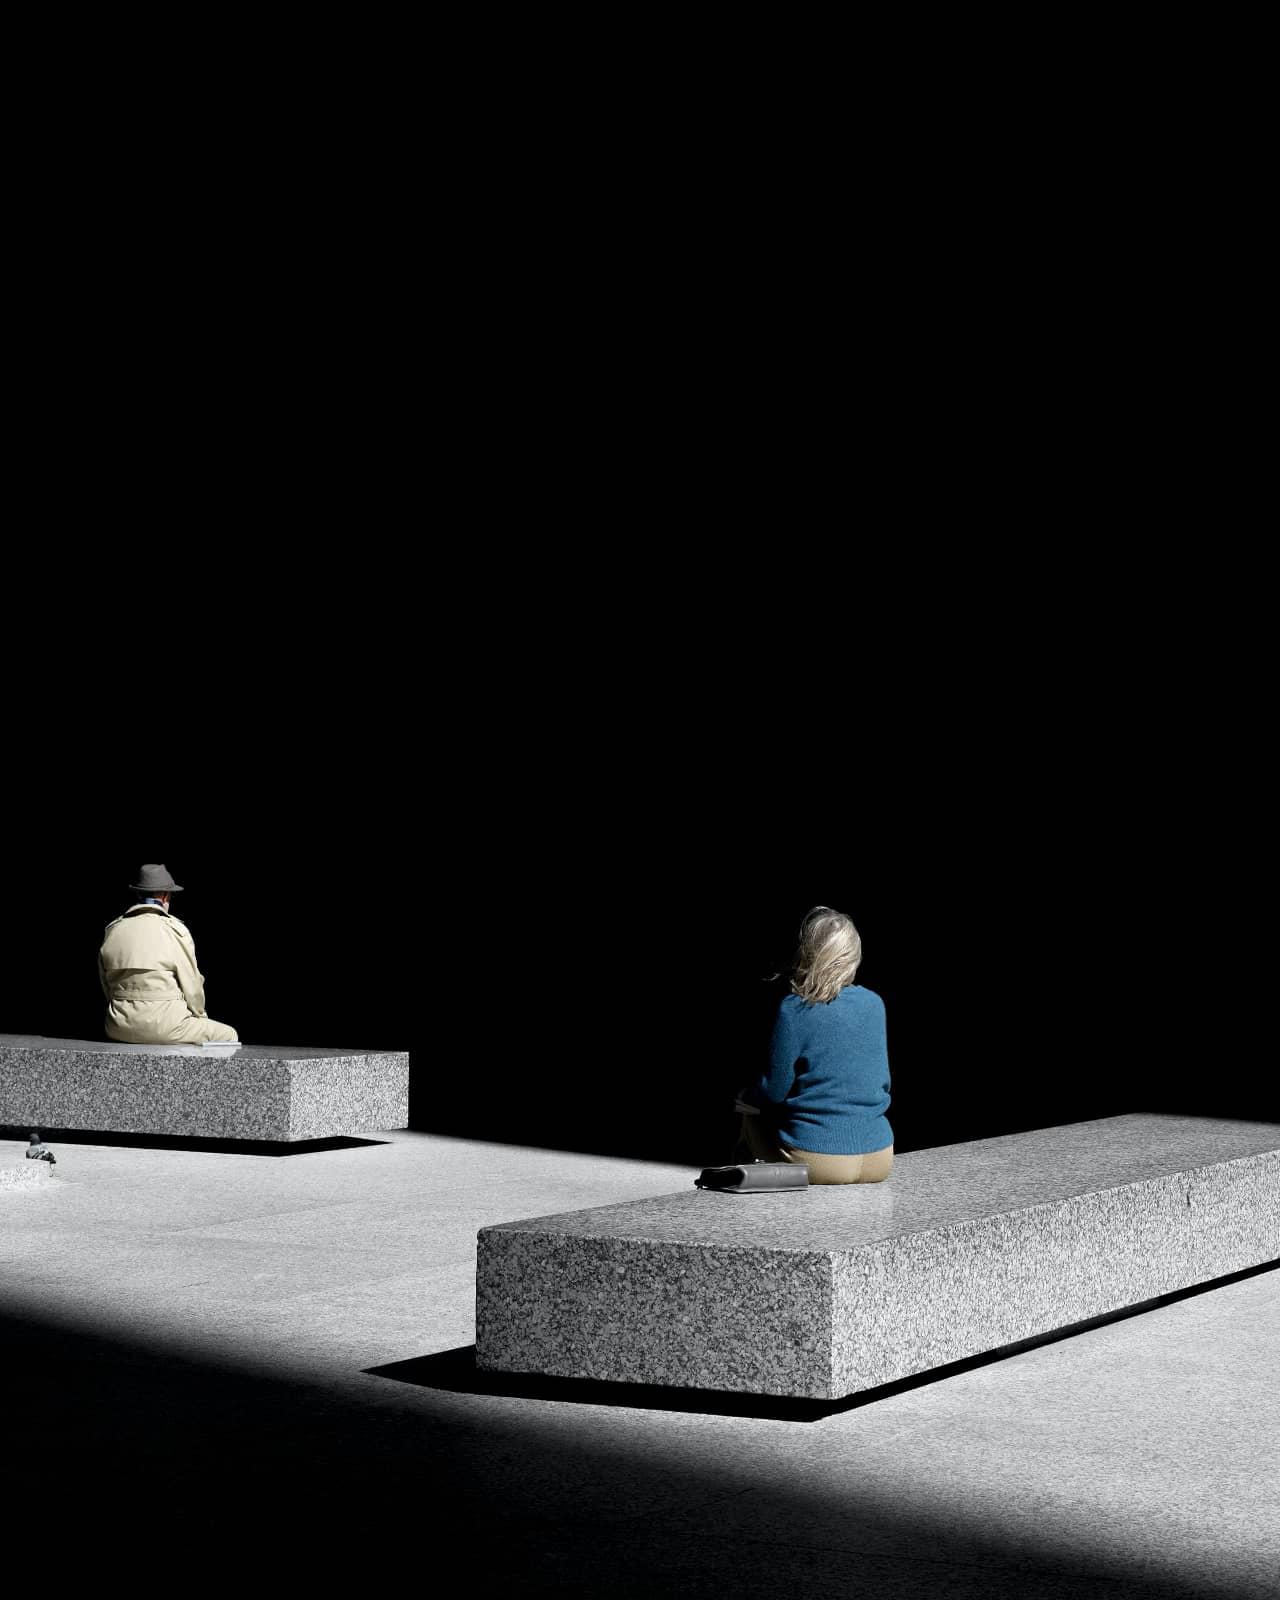 foto: © Clarissa Bonet, twee mensen zitten buiten op stenen banken